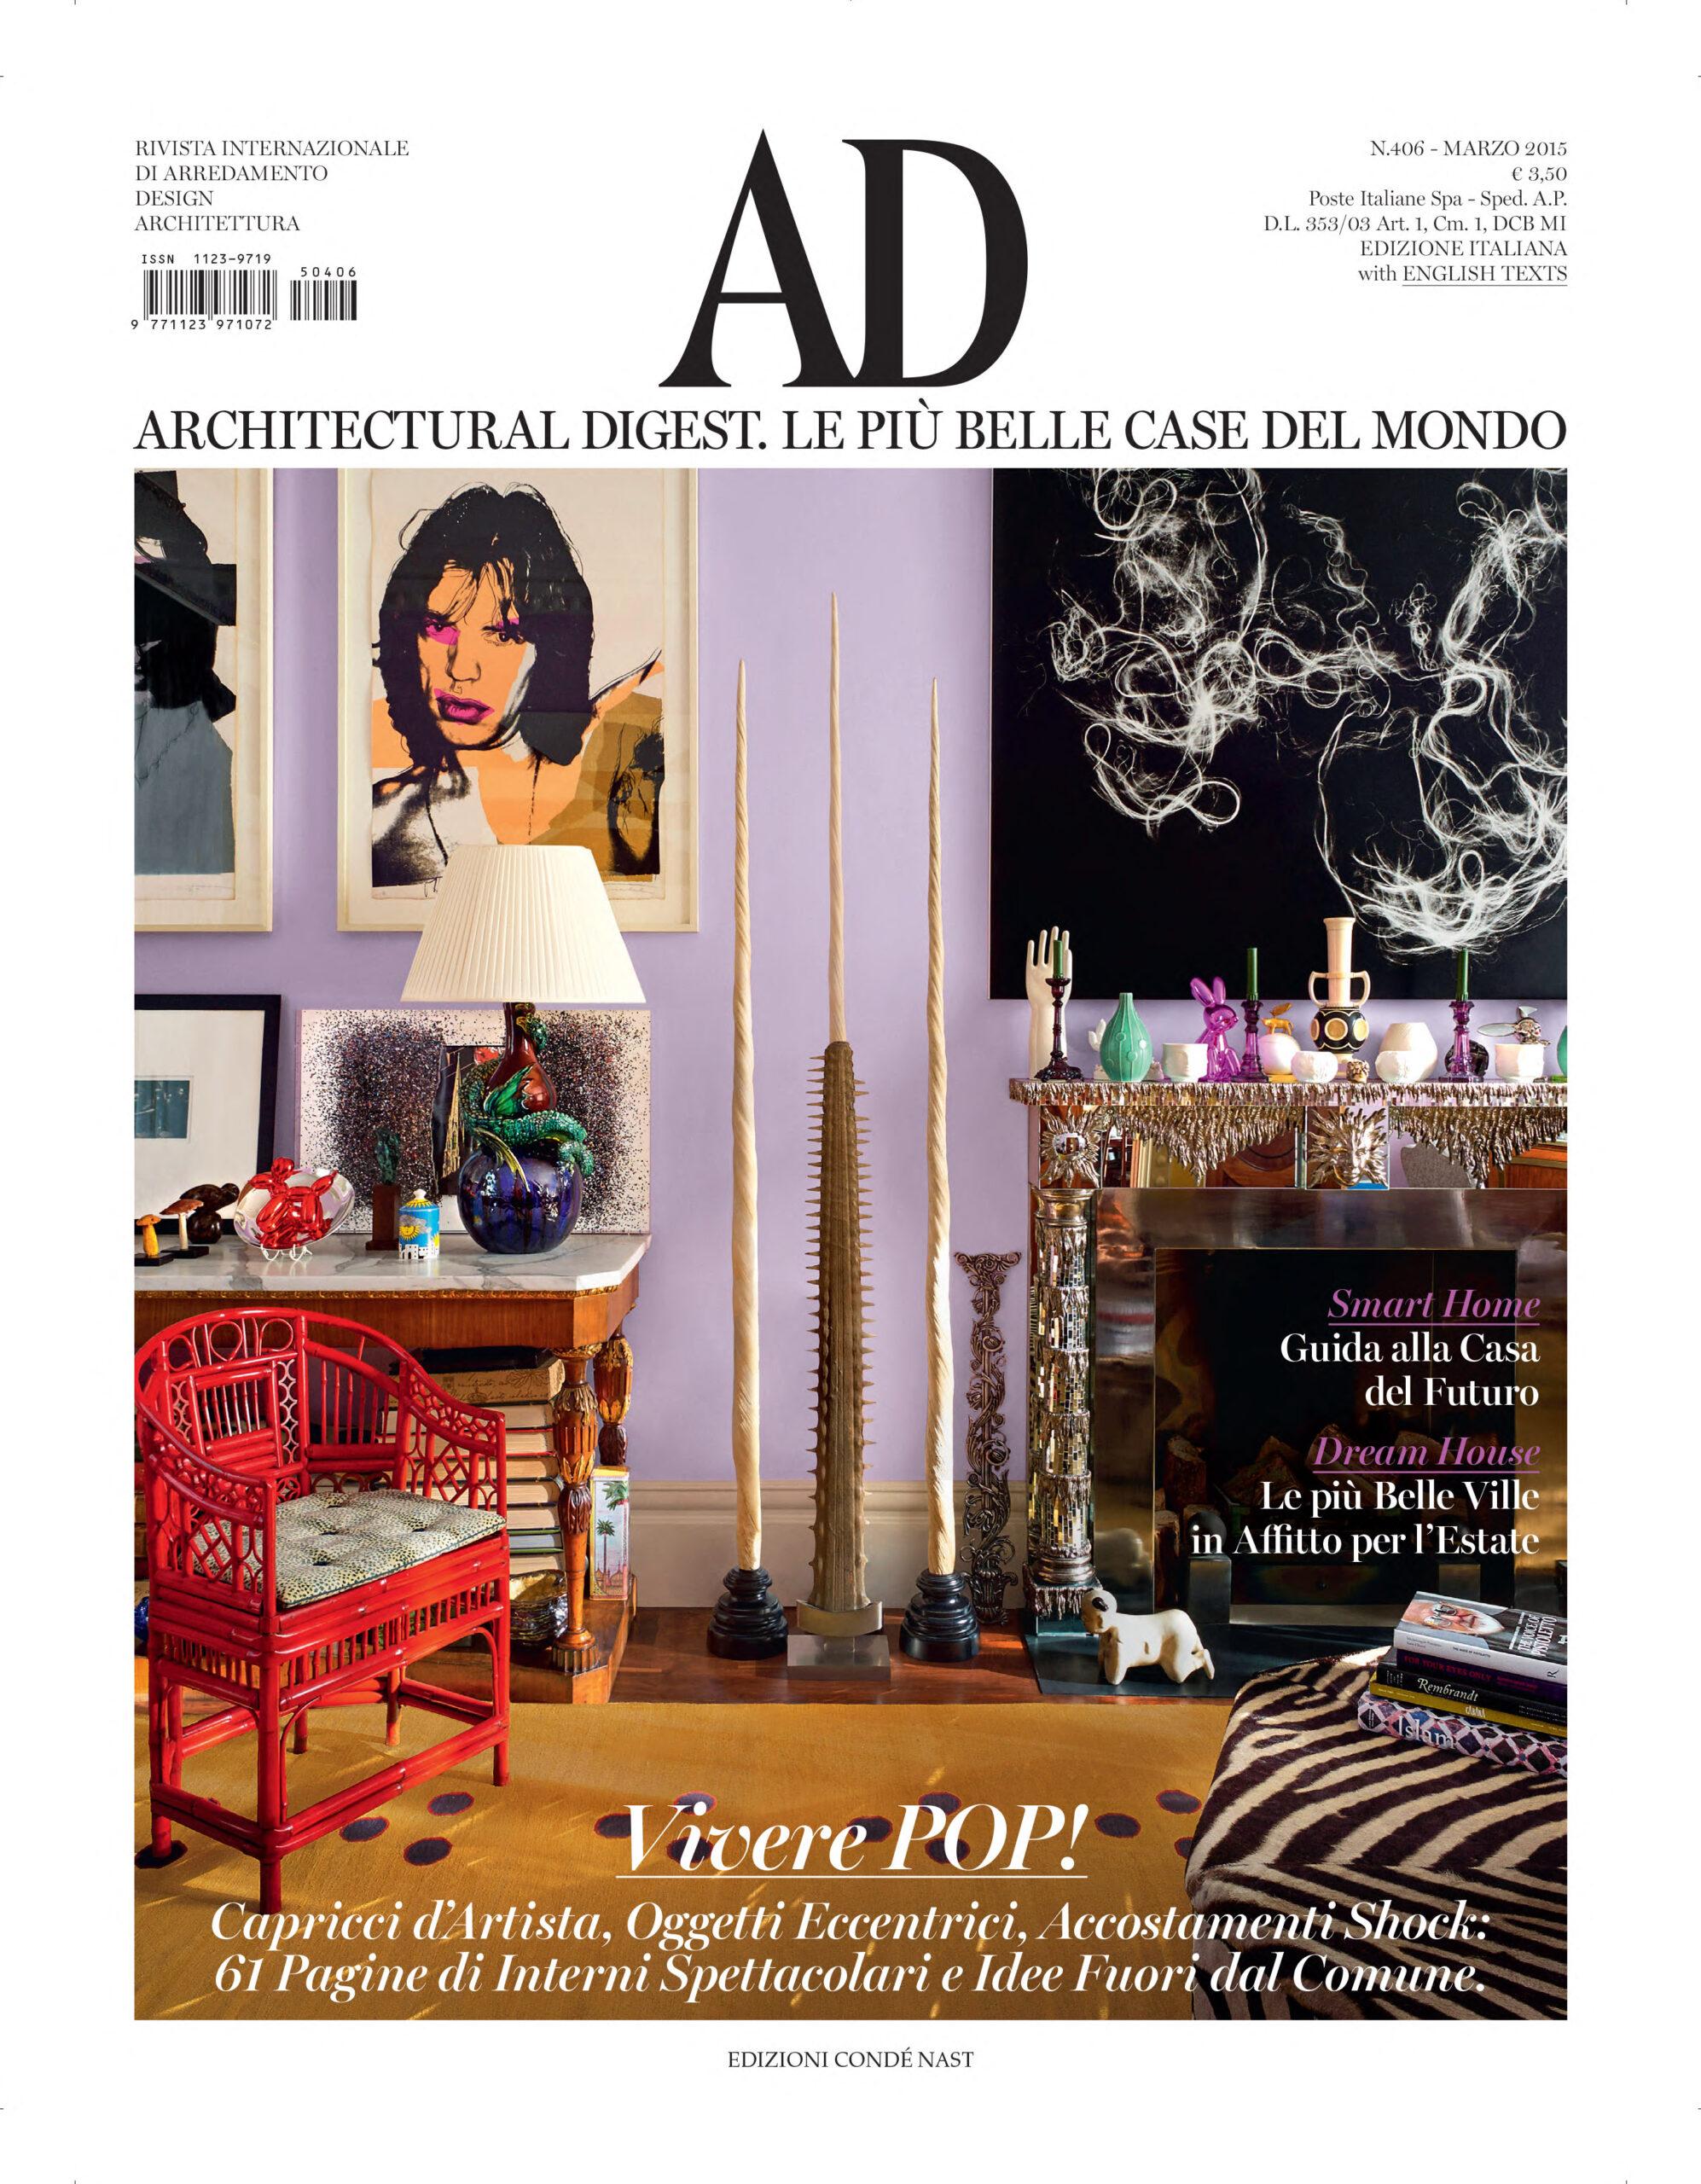 AD Magazine / Eden